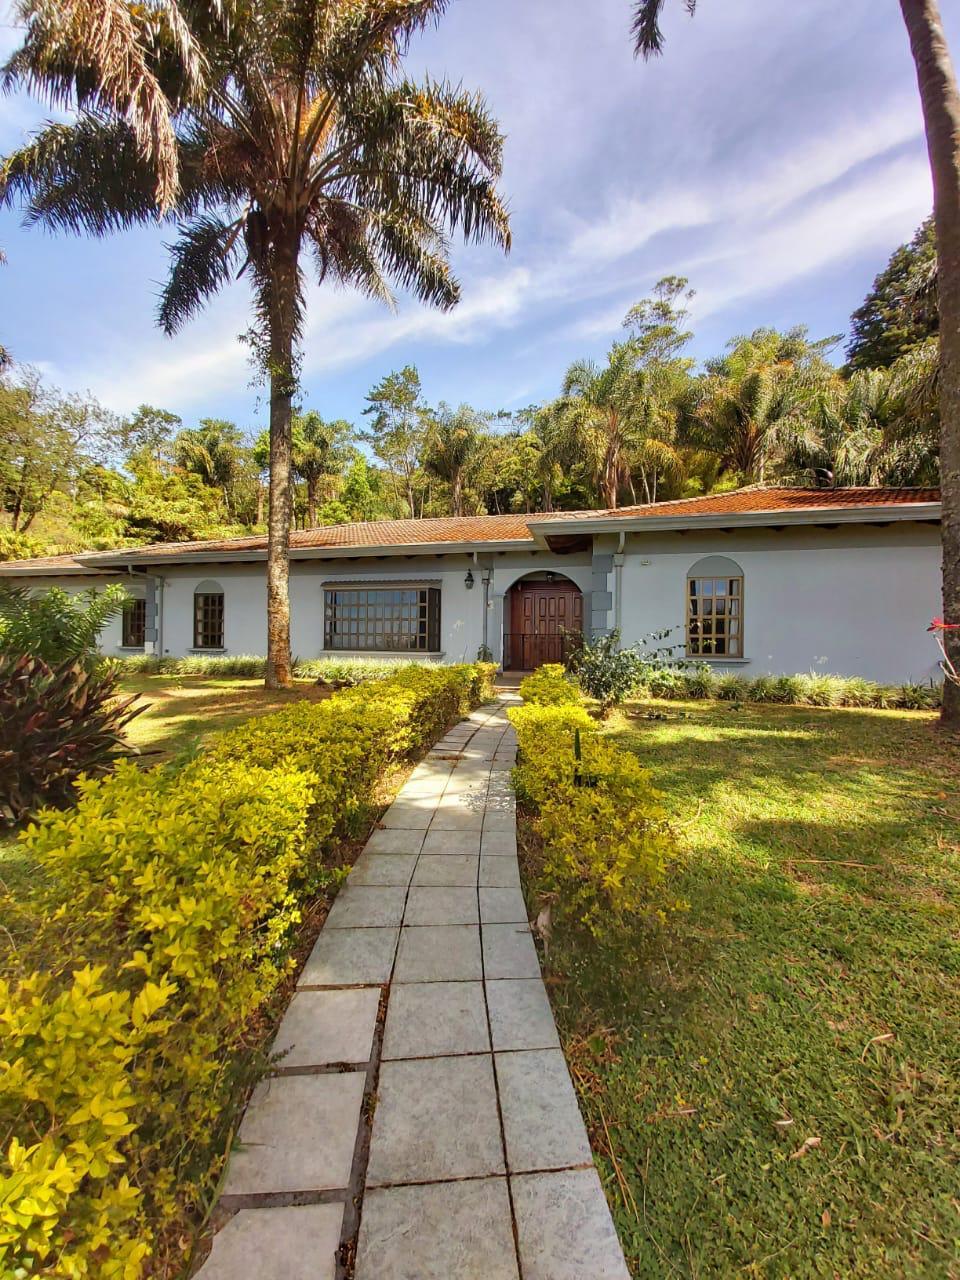 Venta de Casa en San Isidro de Grecia, Alajuela